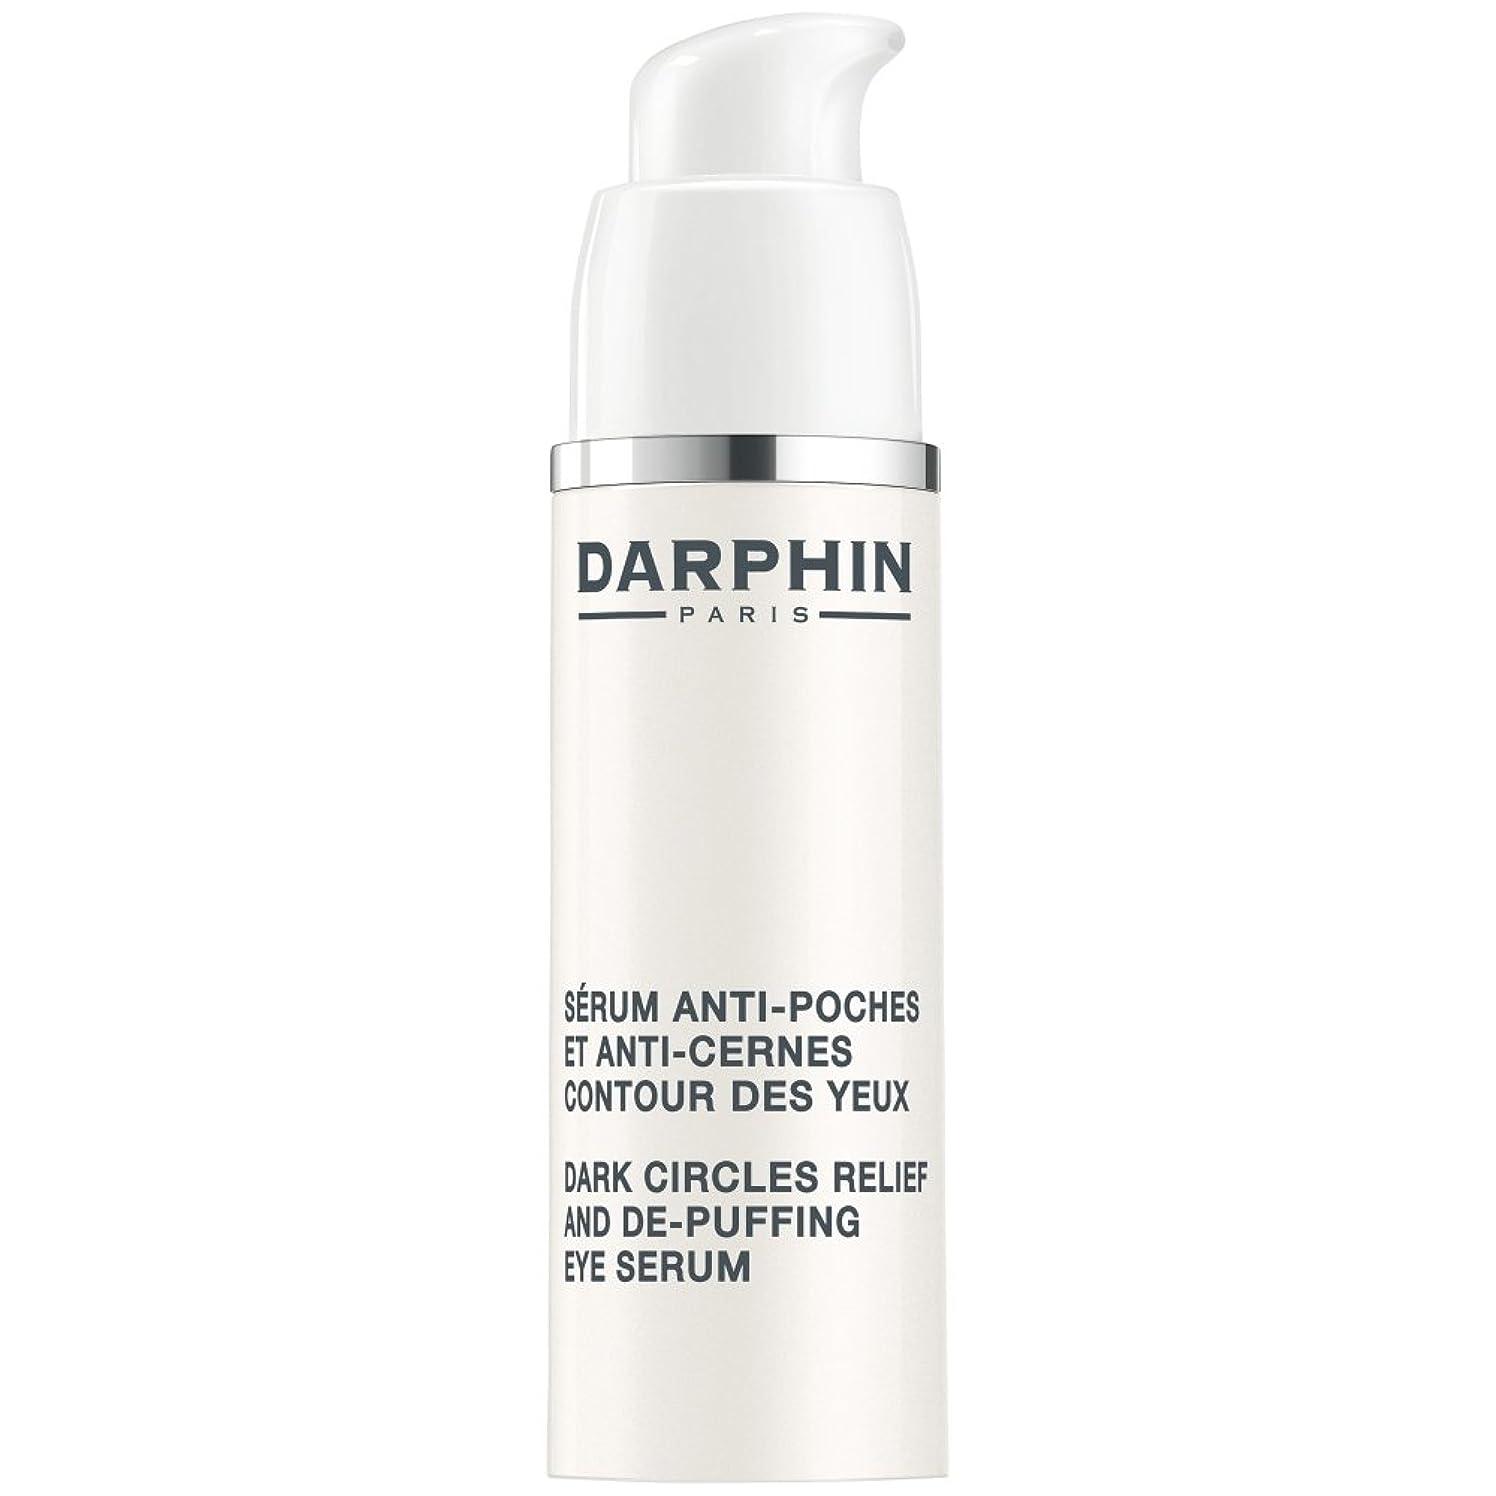 カポック結婚興奮ダルファンくまの救済とデパフ血清15ミリリットル (Darphin) (x6) - Darphin Dark Circles Relief and De-Puffing Serum 15ml (Pack of 6) [並行輸入品]